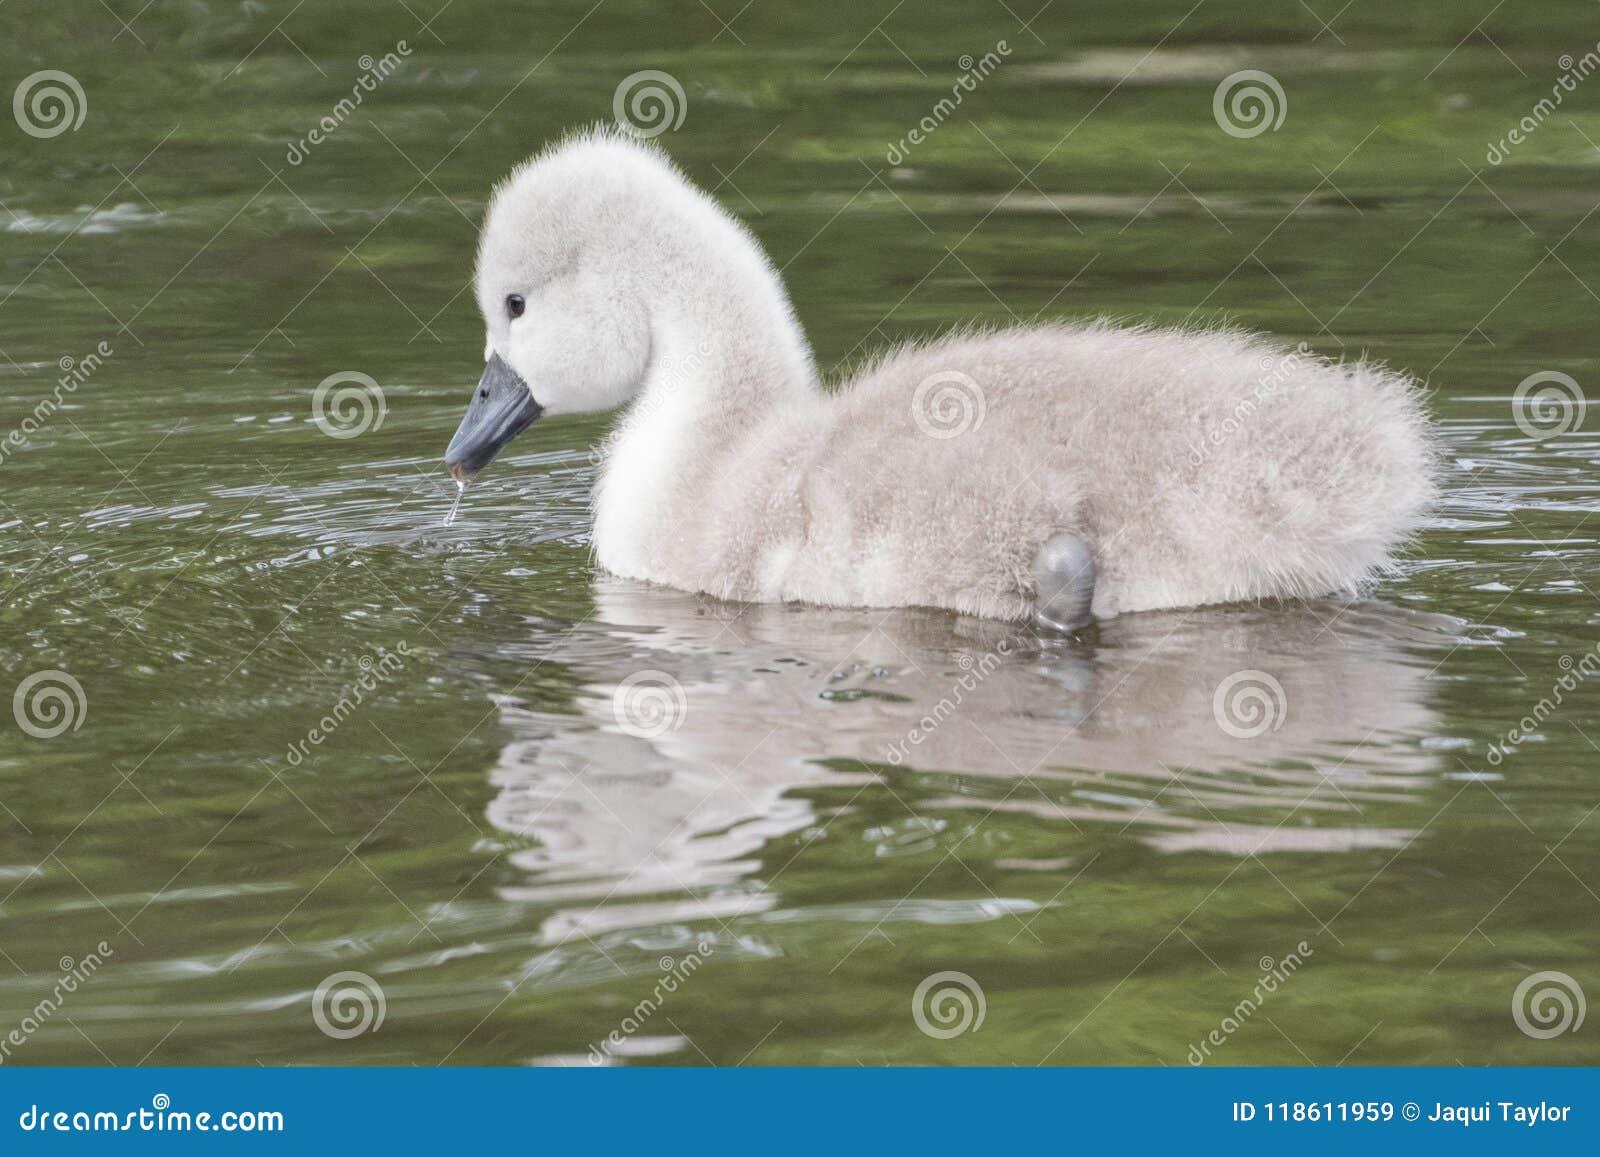 Молодой лебедь на воде